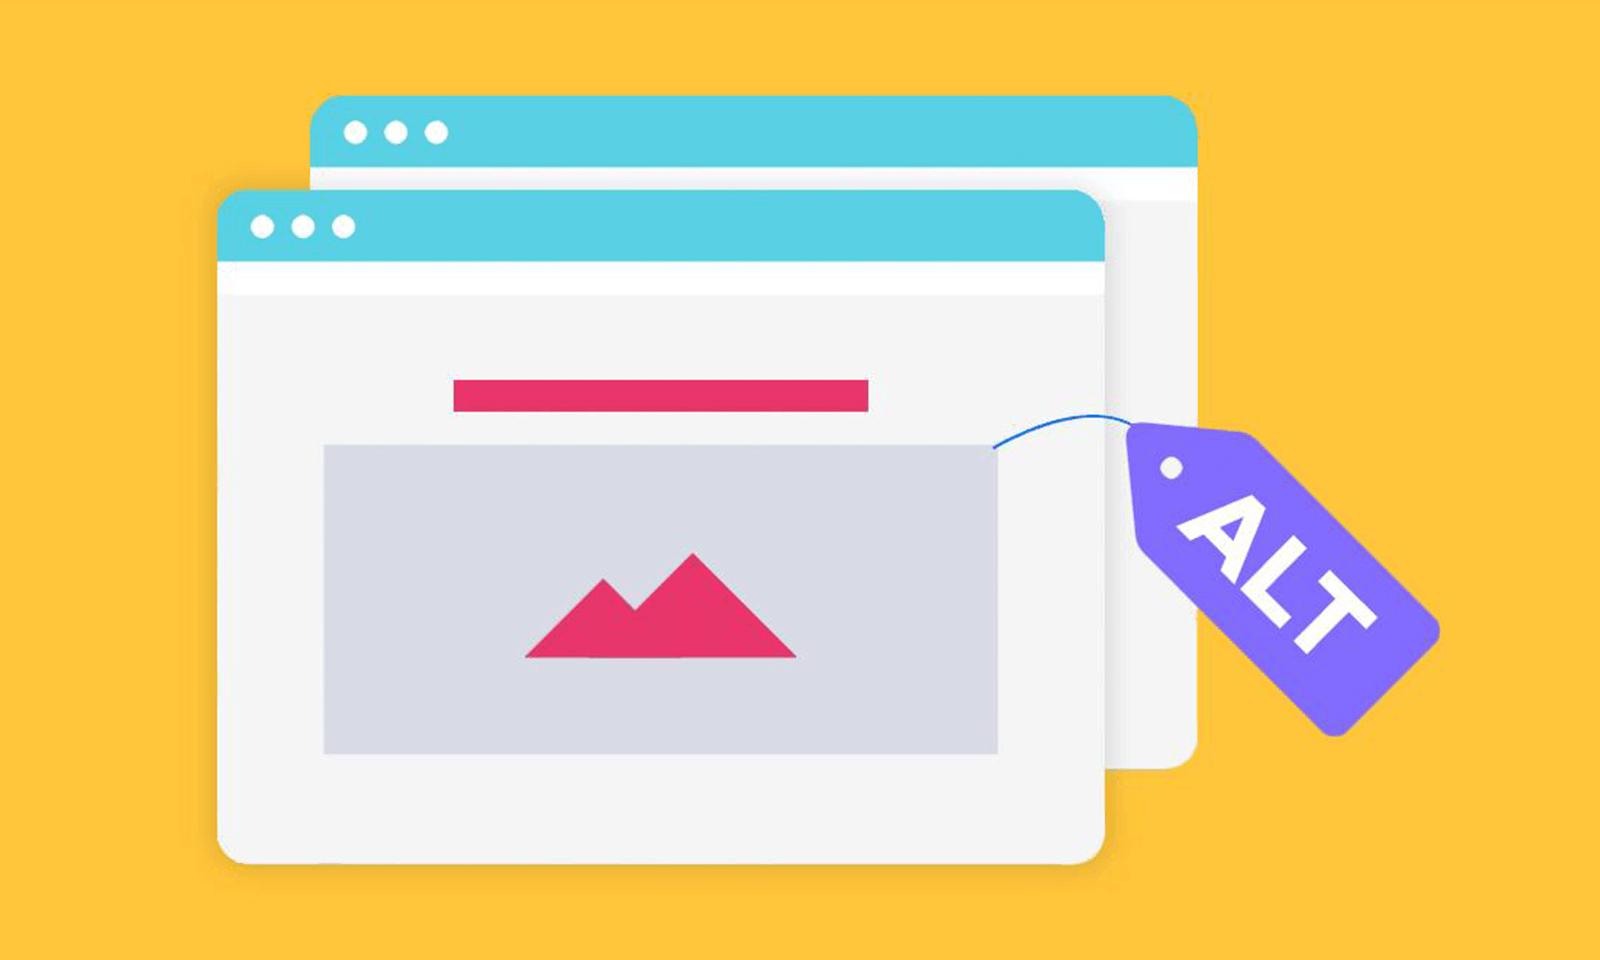 什么是图片Alt Text 及图片ALT属性优化技巧